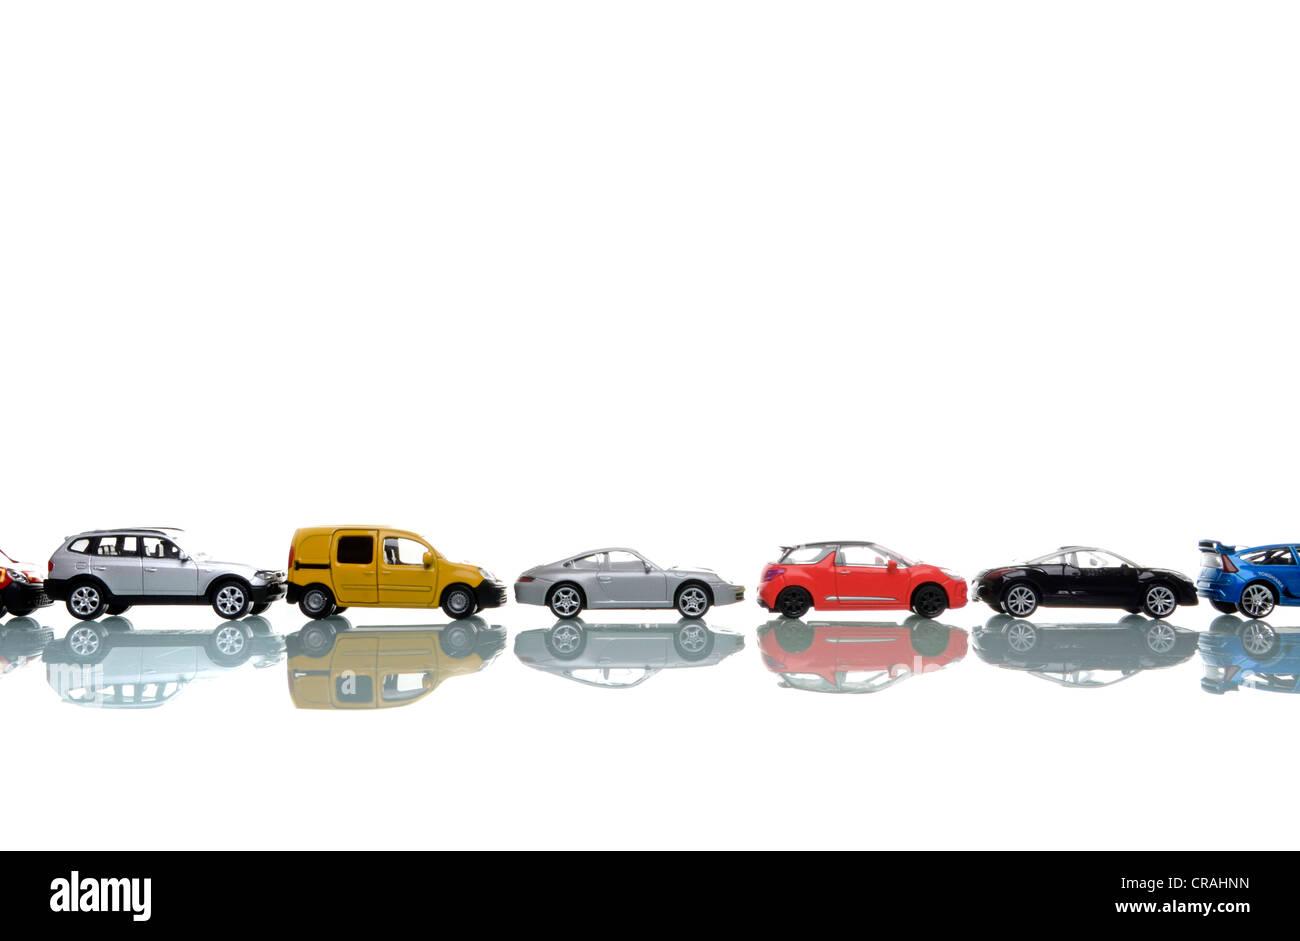 Miniatur-Autos in einer Reihe Stockbild